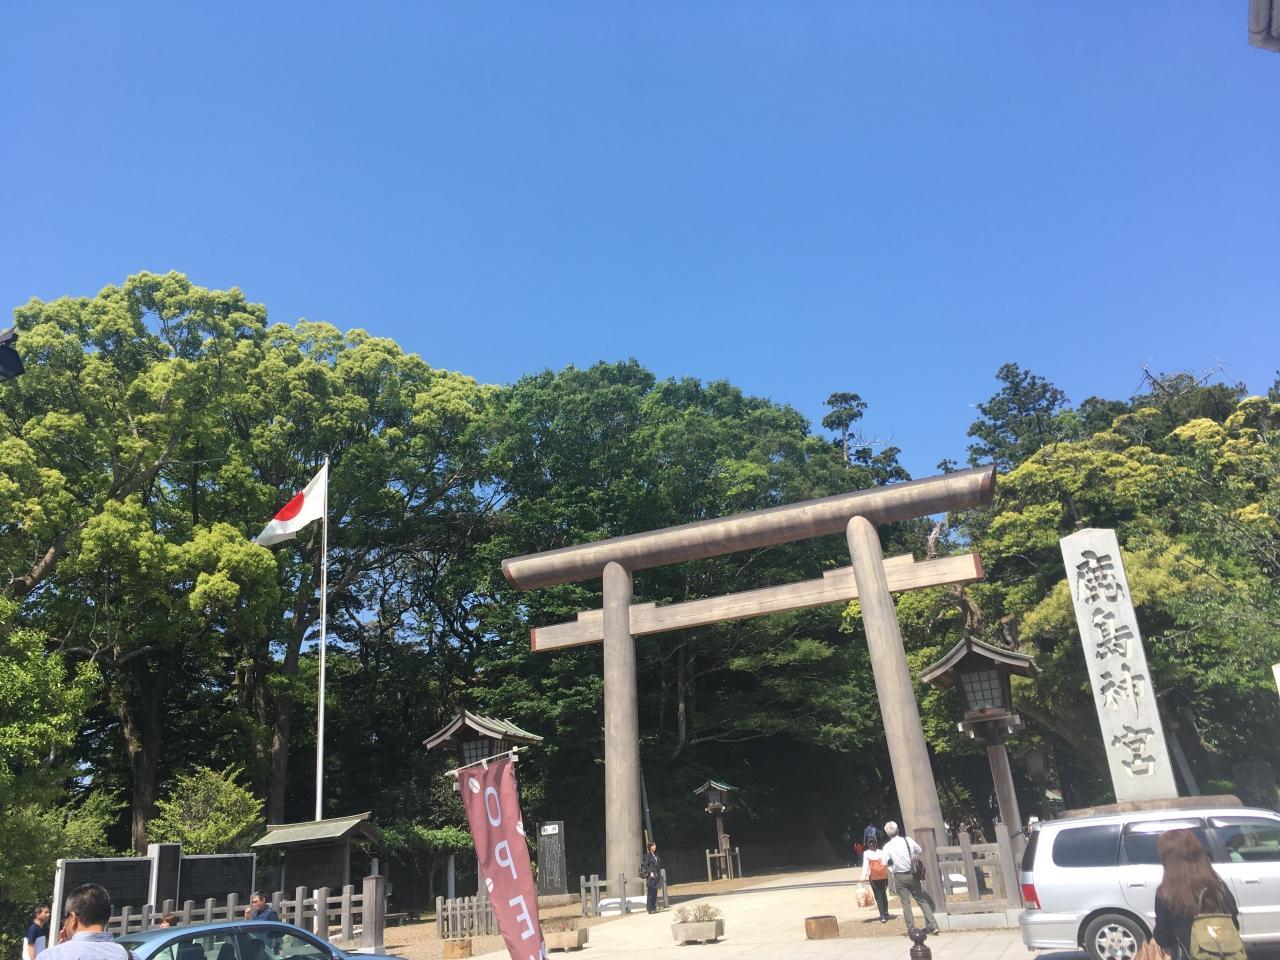 鹿島 神宮 駅 から 潮来 駅